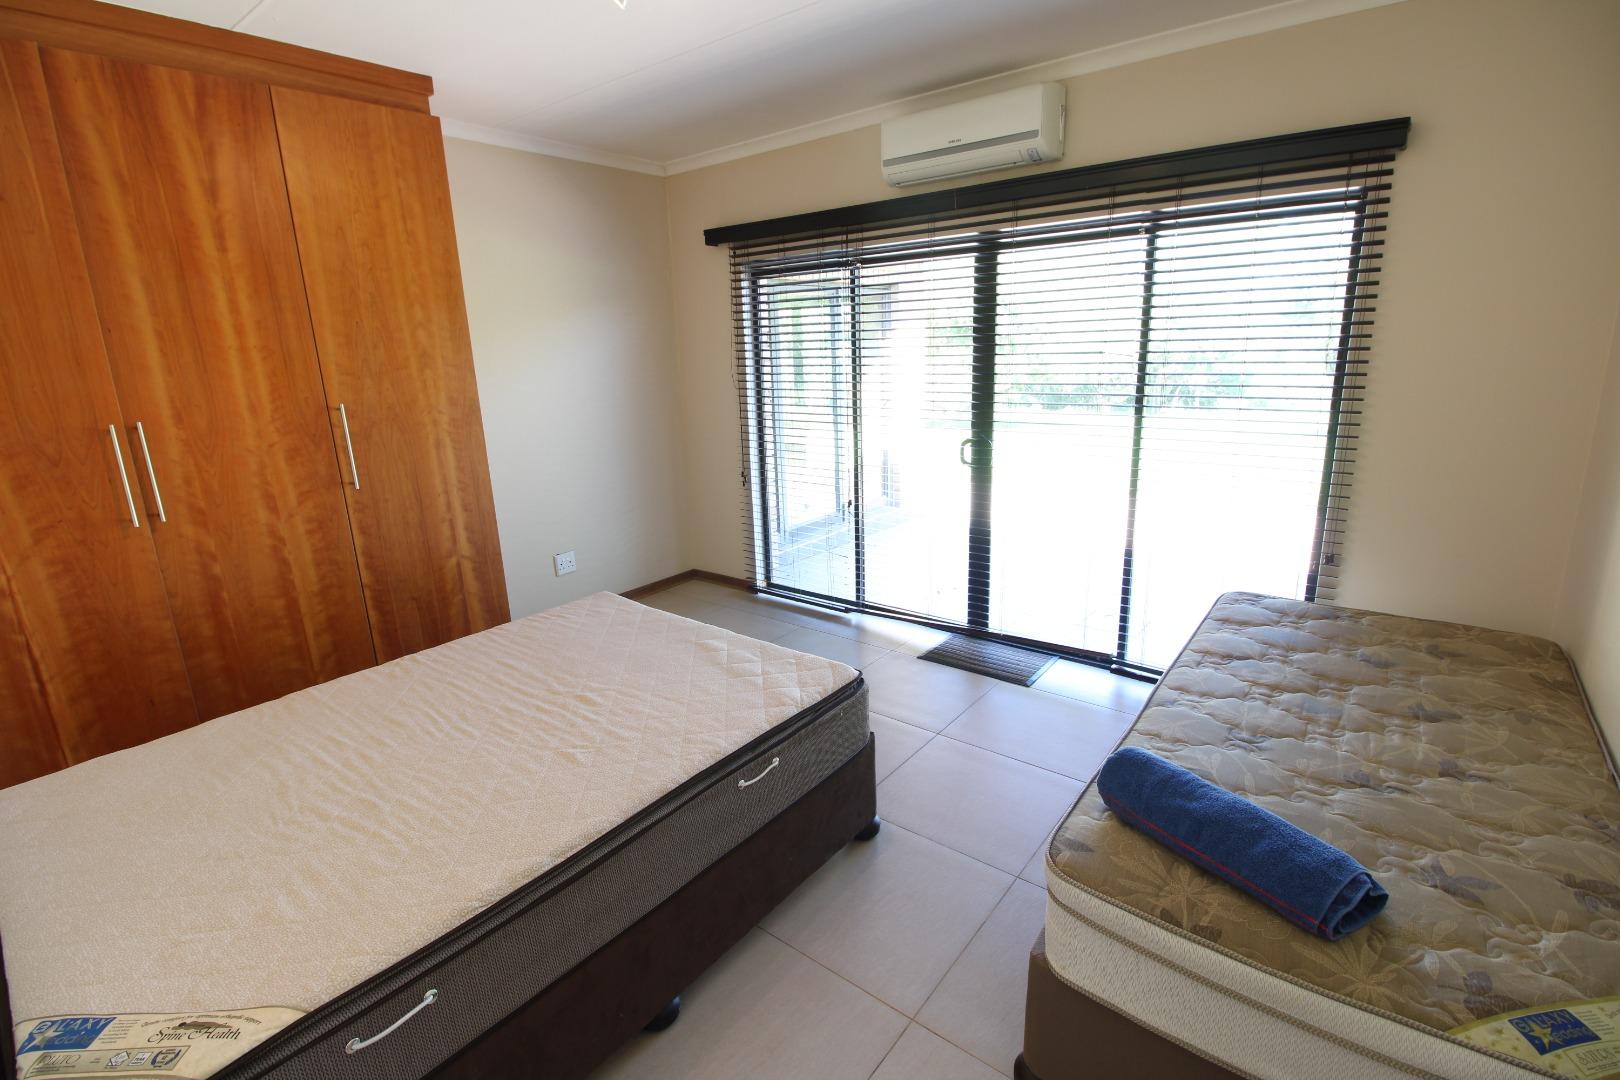 4 Bedroom House For Sale in Viljoenskroon Rural